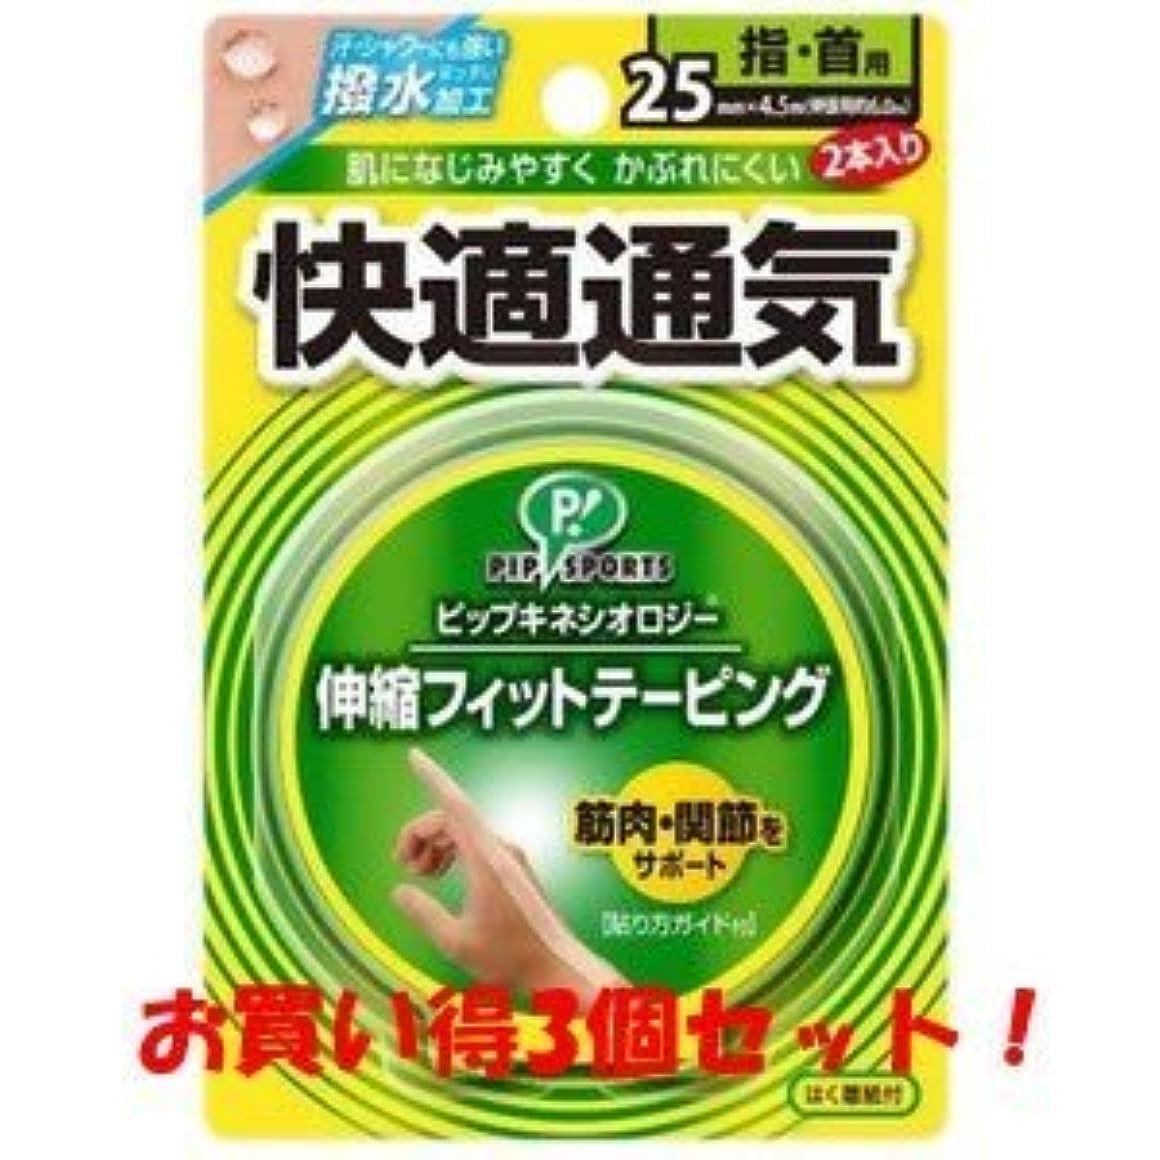 いう教養がある喜び【ピップ】キネシオロジー 伸縮フィットテーピング 快適通気 指首用 25mm×4.5m 2本入り(お買い得3個セット)